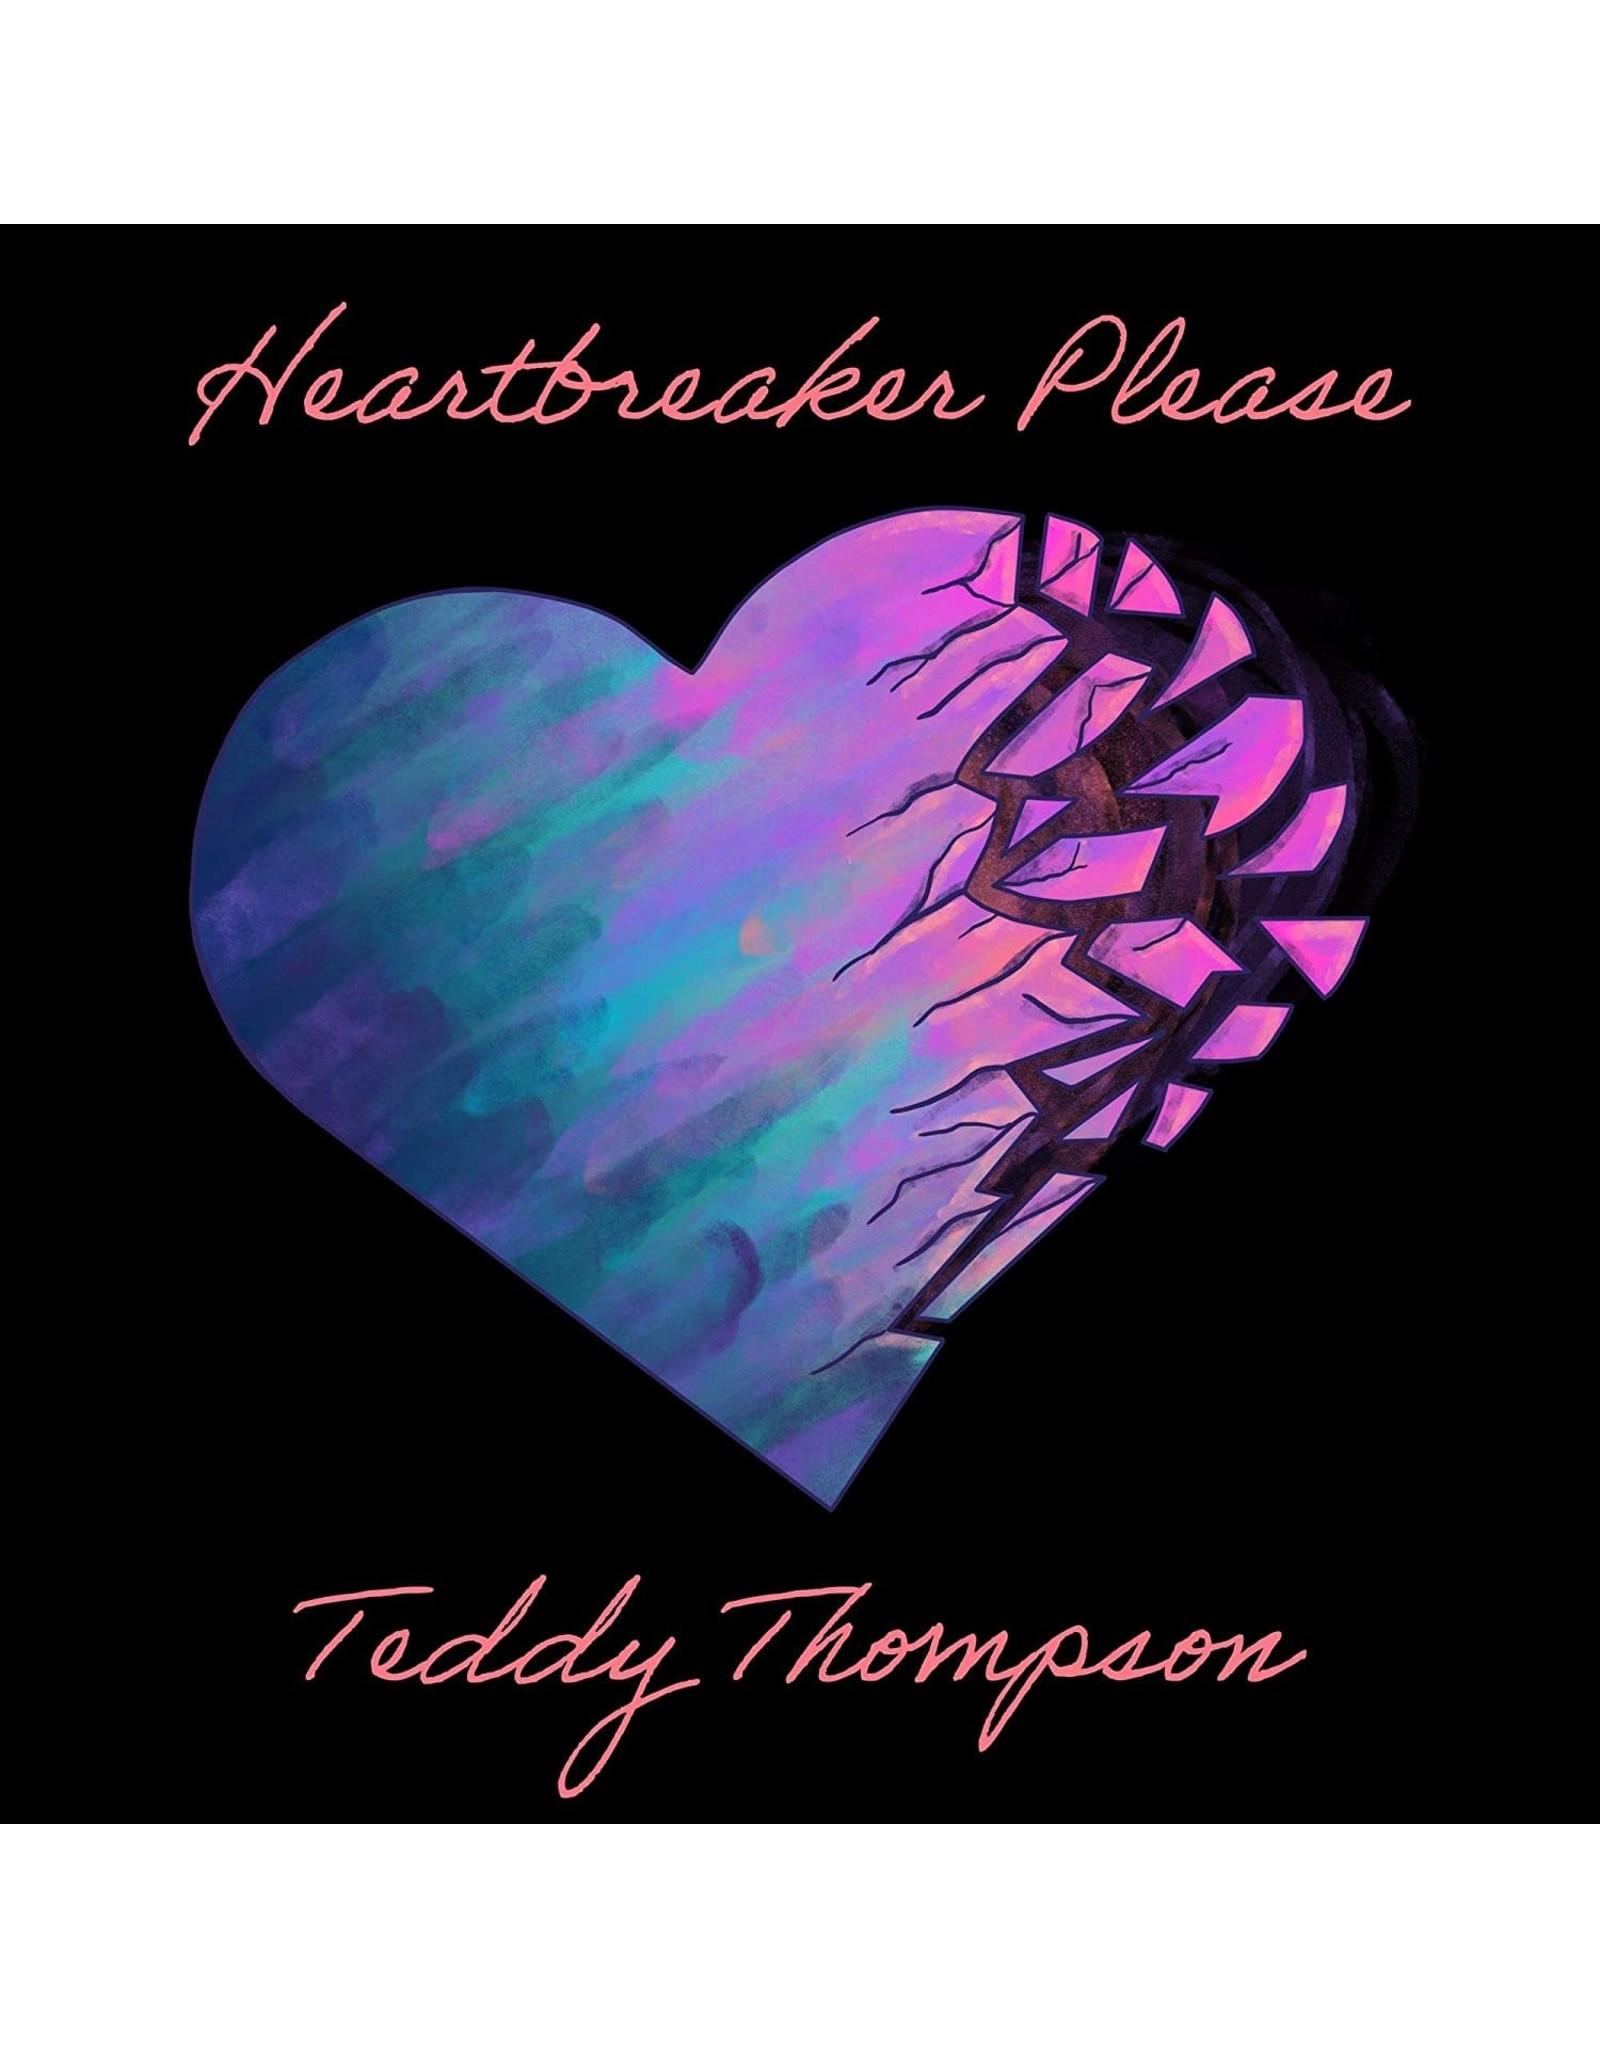 Thompson, Teddy - Heartbreaker Please CD